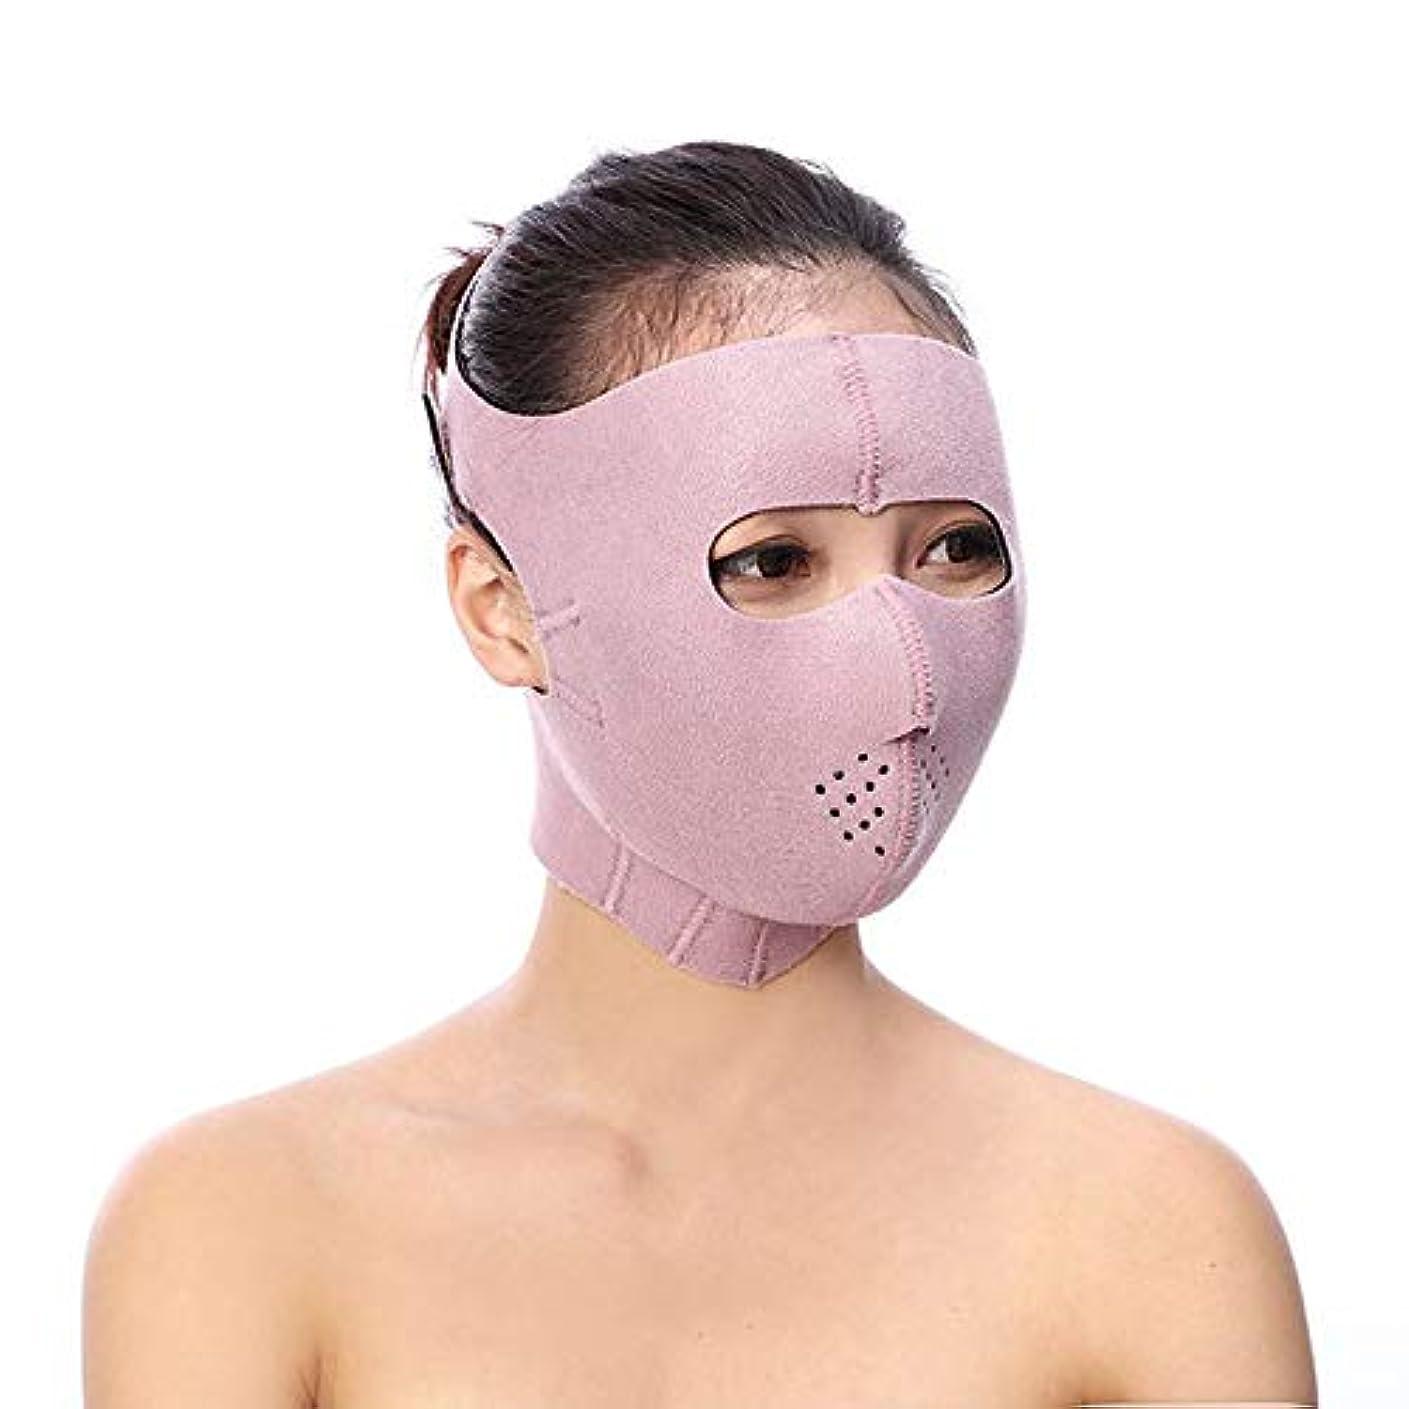 植木サーキットに行く節約GYZ フェイシャルリフティング痩身ベルト - Vフェイス包帯マスクフェイシャルマッサージャー無料の薄いフェイス包帯整形マスクを引き締める顔と首の顔スリム Thin Face Belt